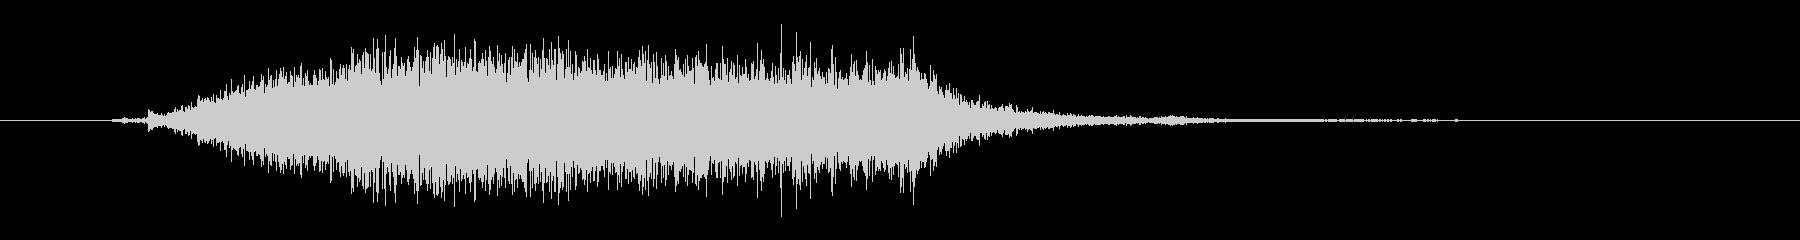 ヘアドライヤー-ショートの未再生の波形